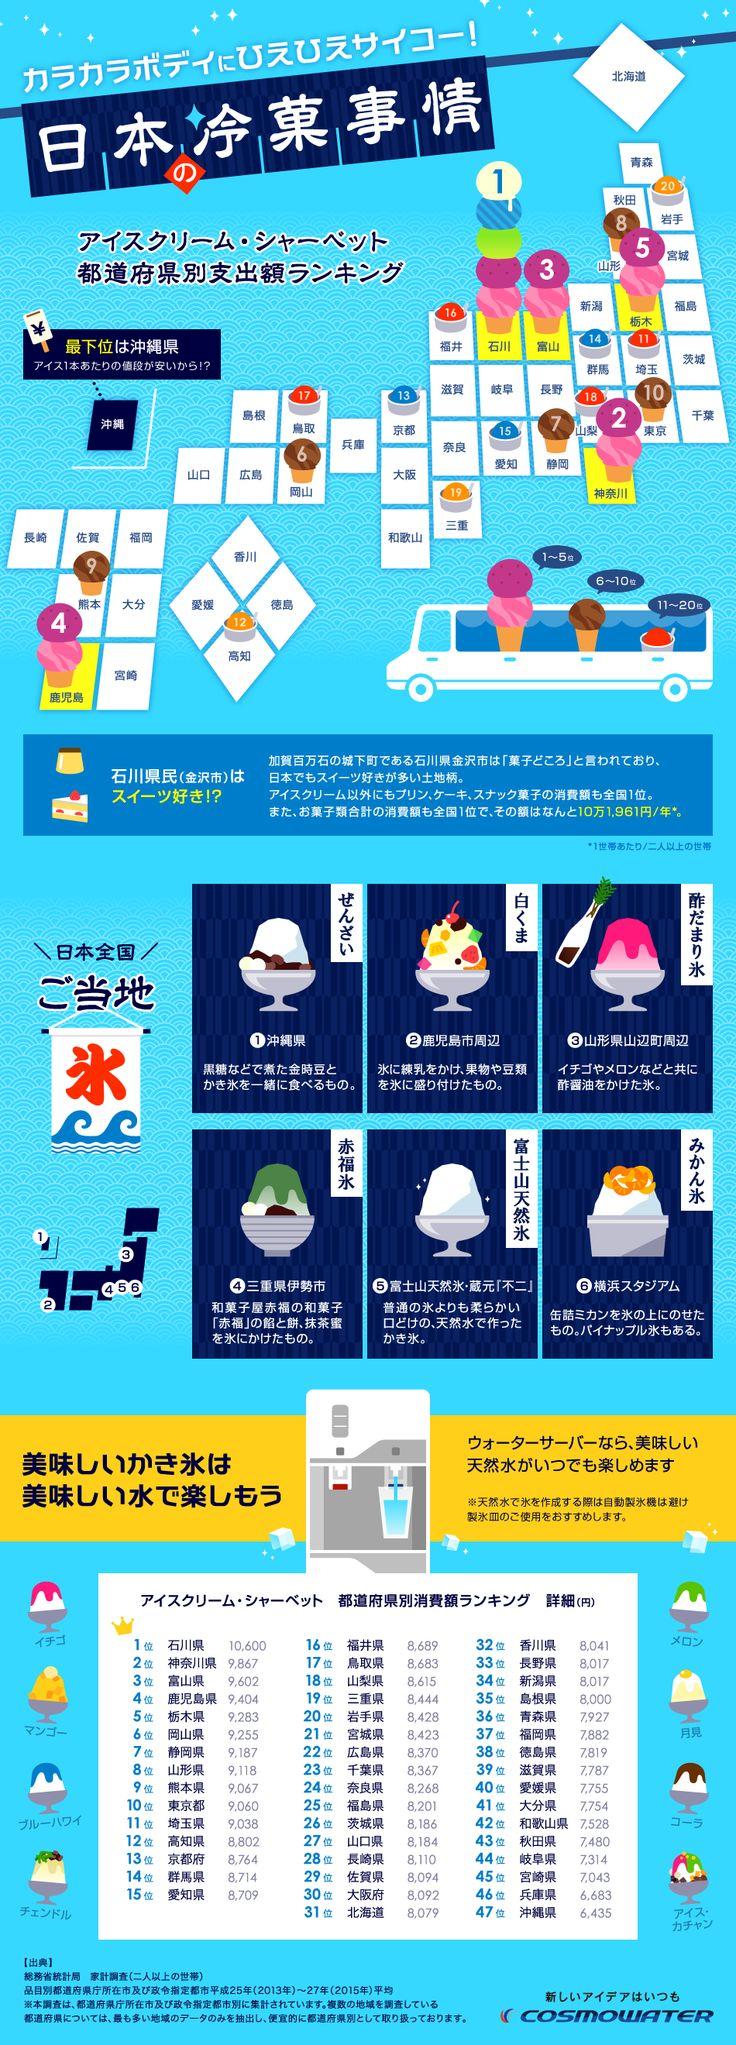 日本の冷菓事情 都道府県ランキング   infographic.jp − インフォグラフィックス by econte